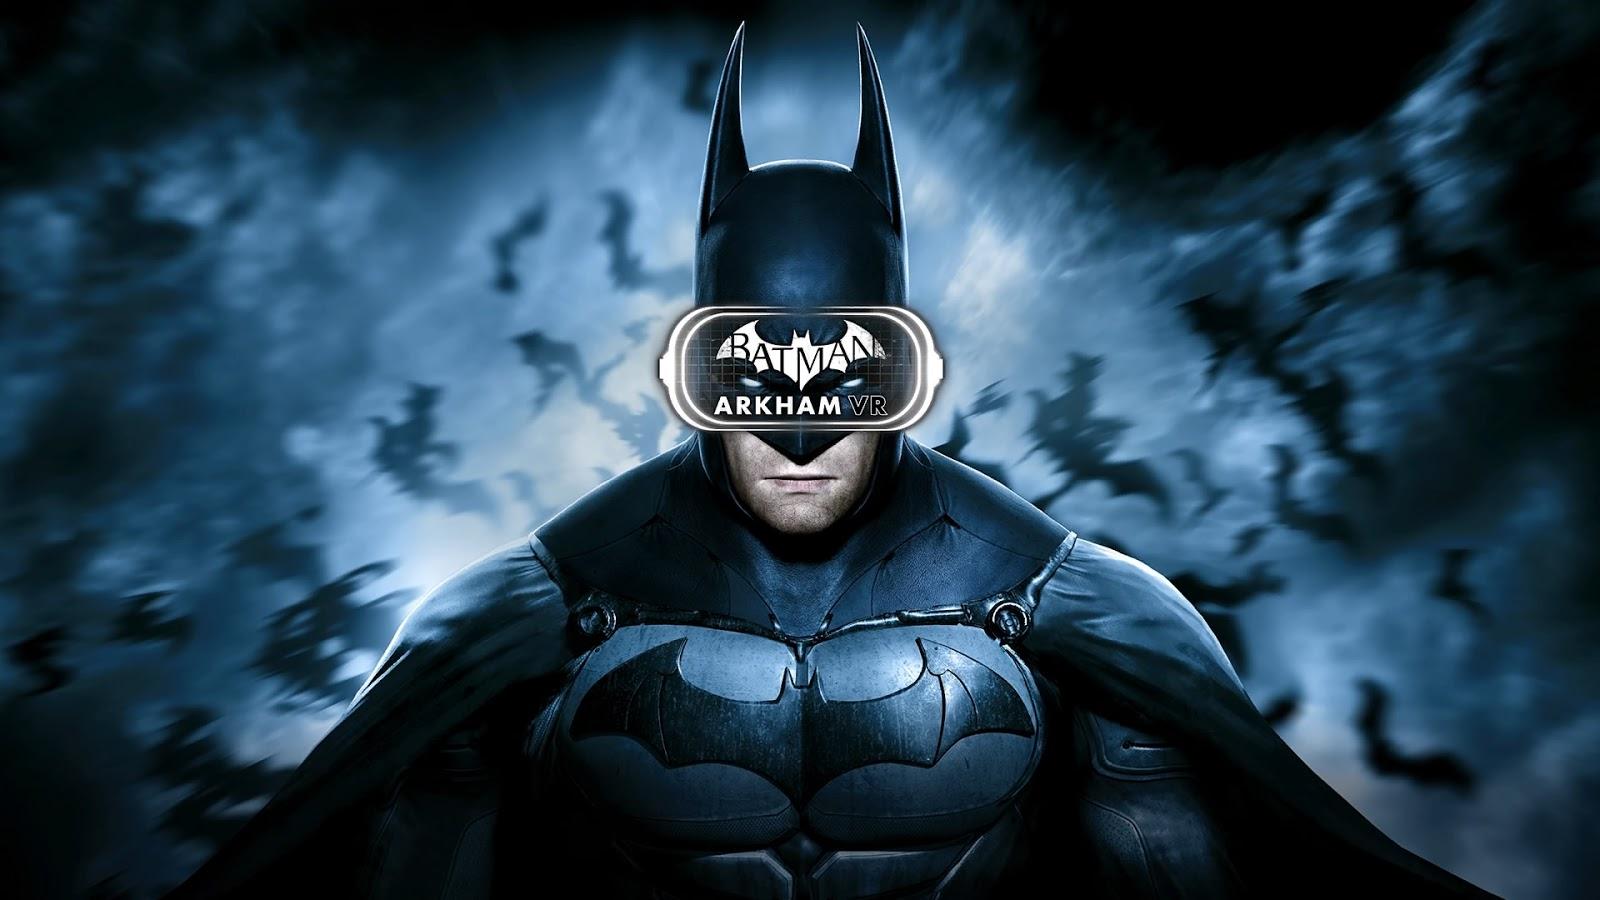 Programa 10x21 (31-03-2017) 'Batman Arkham VR'   CxreI